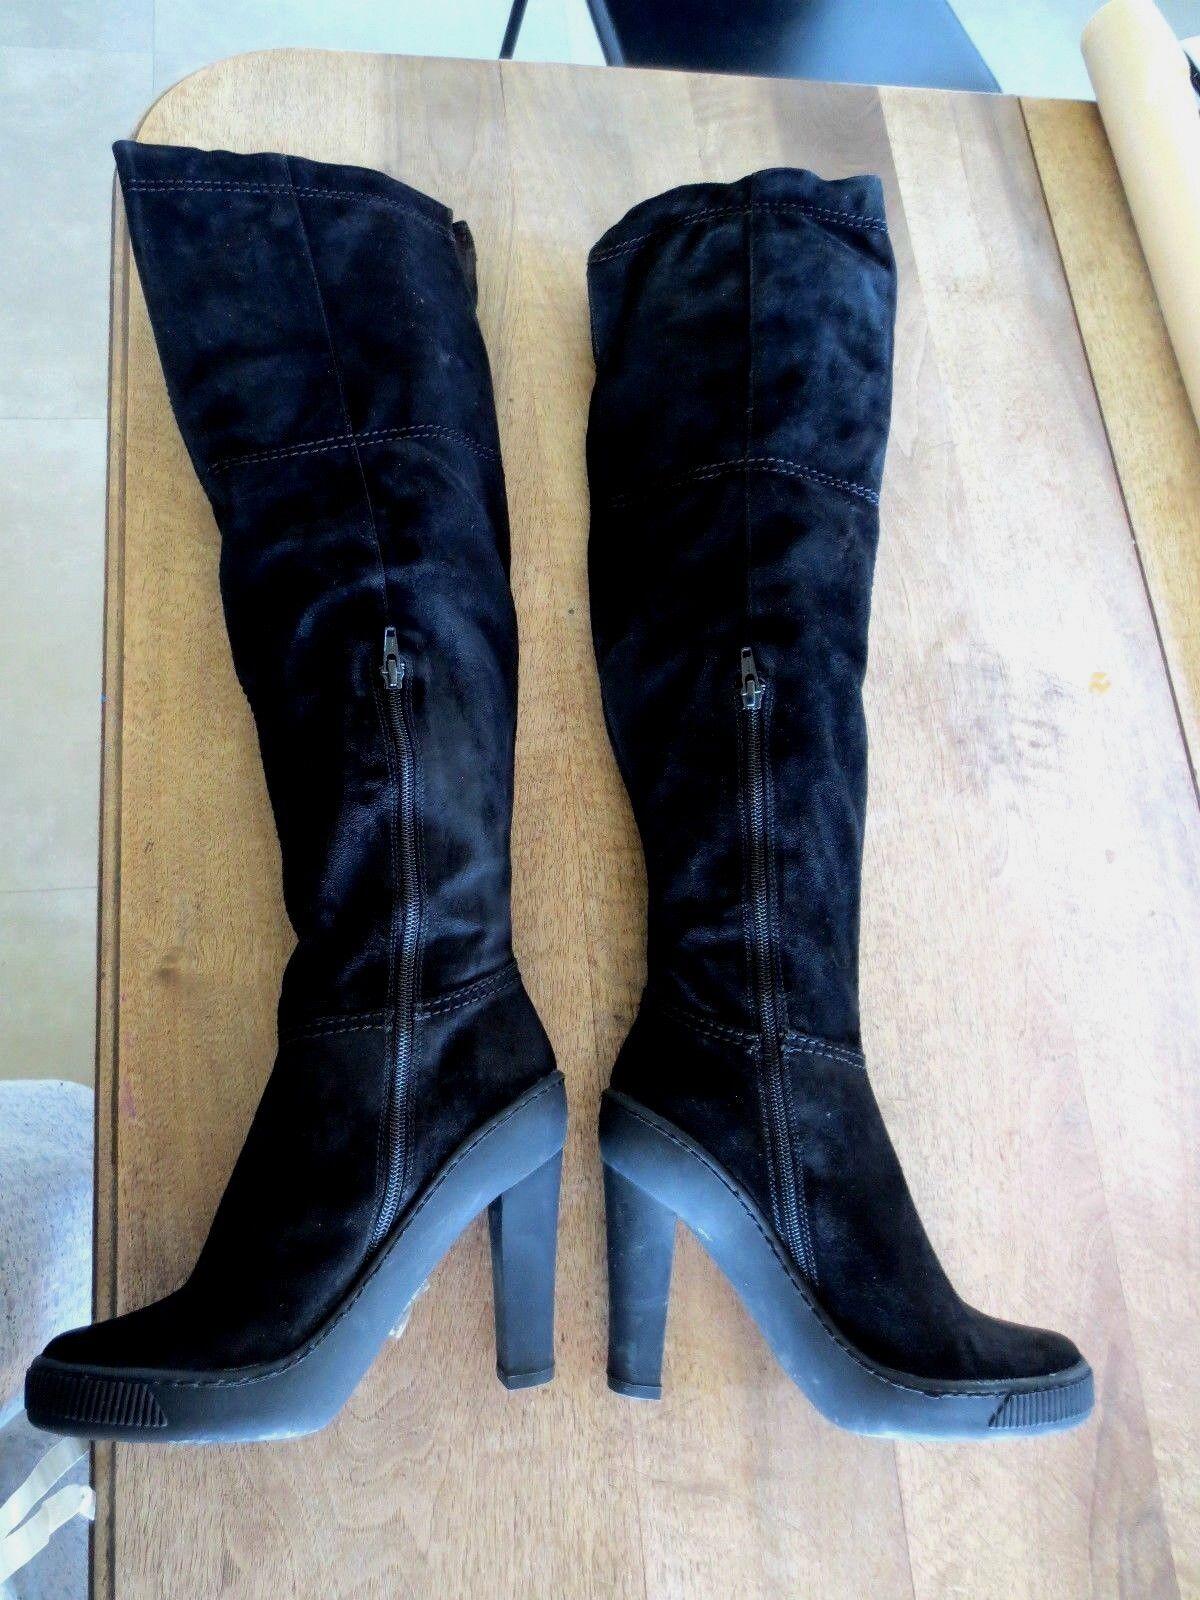 Leggings cabra gamuza negro para imaginábamos valor 299e 299e 299e zapato tamaños de 35,36,  venta